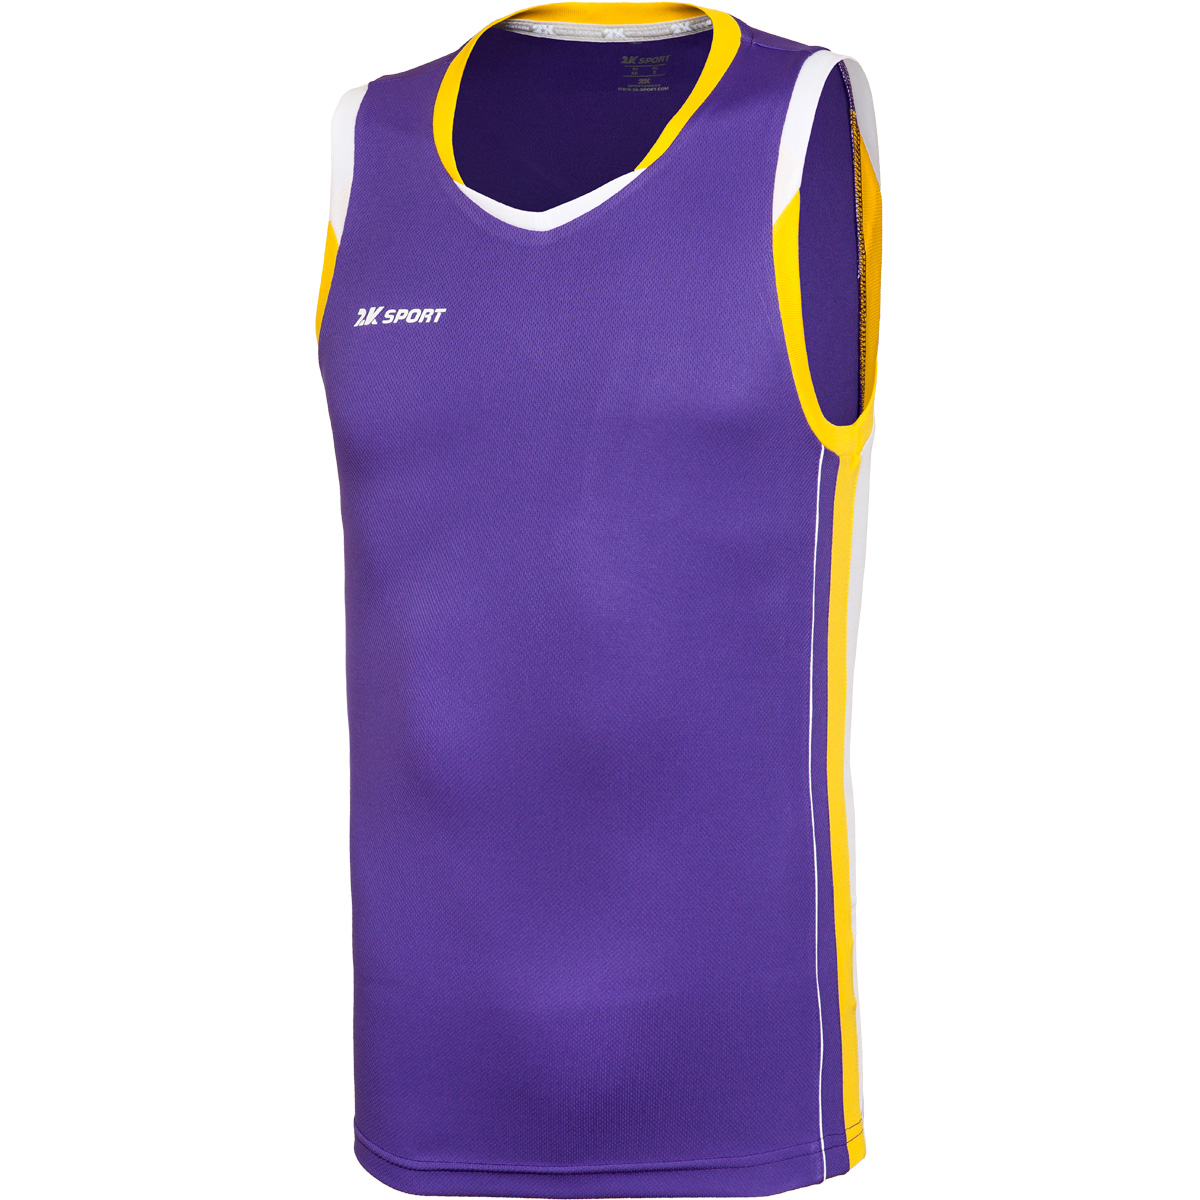 Майка баскетбольная мужская 2K Sport Advance, цвет: фиолетовый, желтый, белый. 130030. Размер XXXL (56)130030_violet/yellow/whiteПрофессиональная баскетбольная игровая майка от 2K Sport создана для того, чтобы вам ничего не мешало демонстрировать великолепную игру на паркете против самых грозных соперников. Особая сетчатая структура ткани позволяет сделать майку практически невесомой, сохраняя при этом прочность и эластичность. Стильный двухцветный кант по вороту и рукаву. Боковые контрастные вставки.